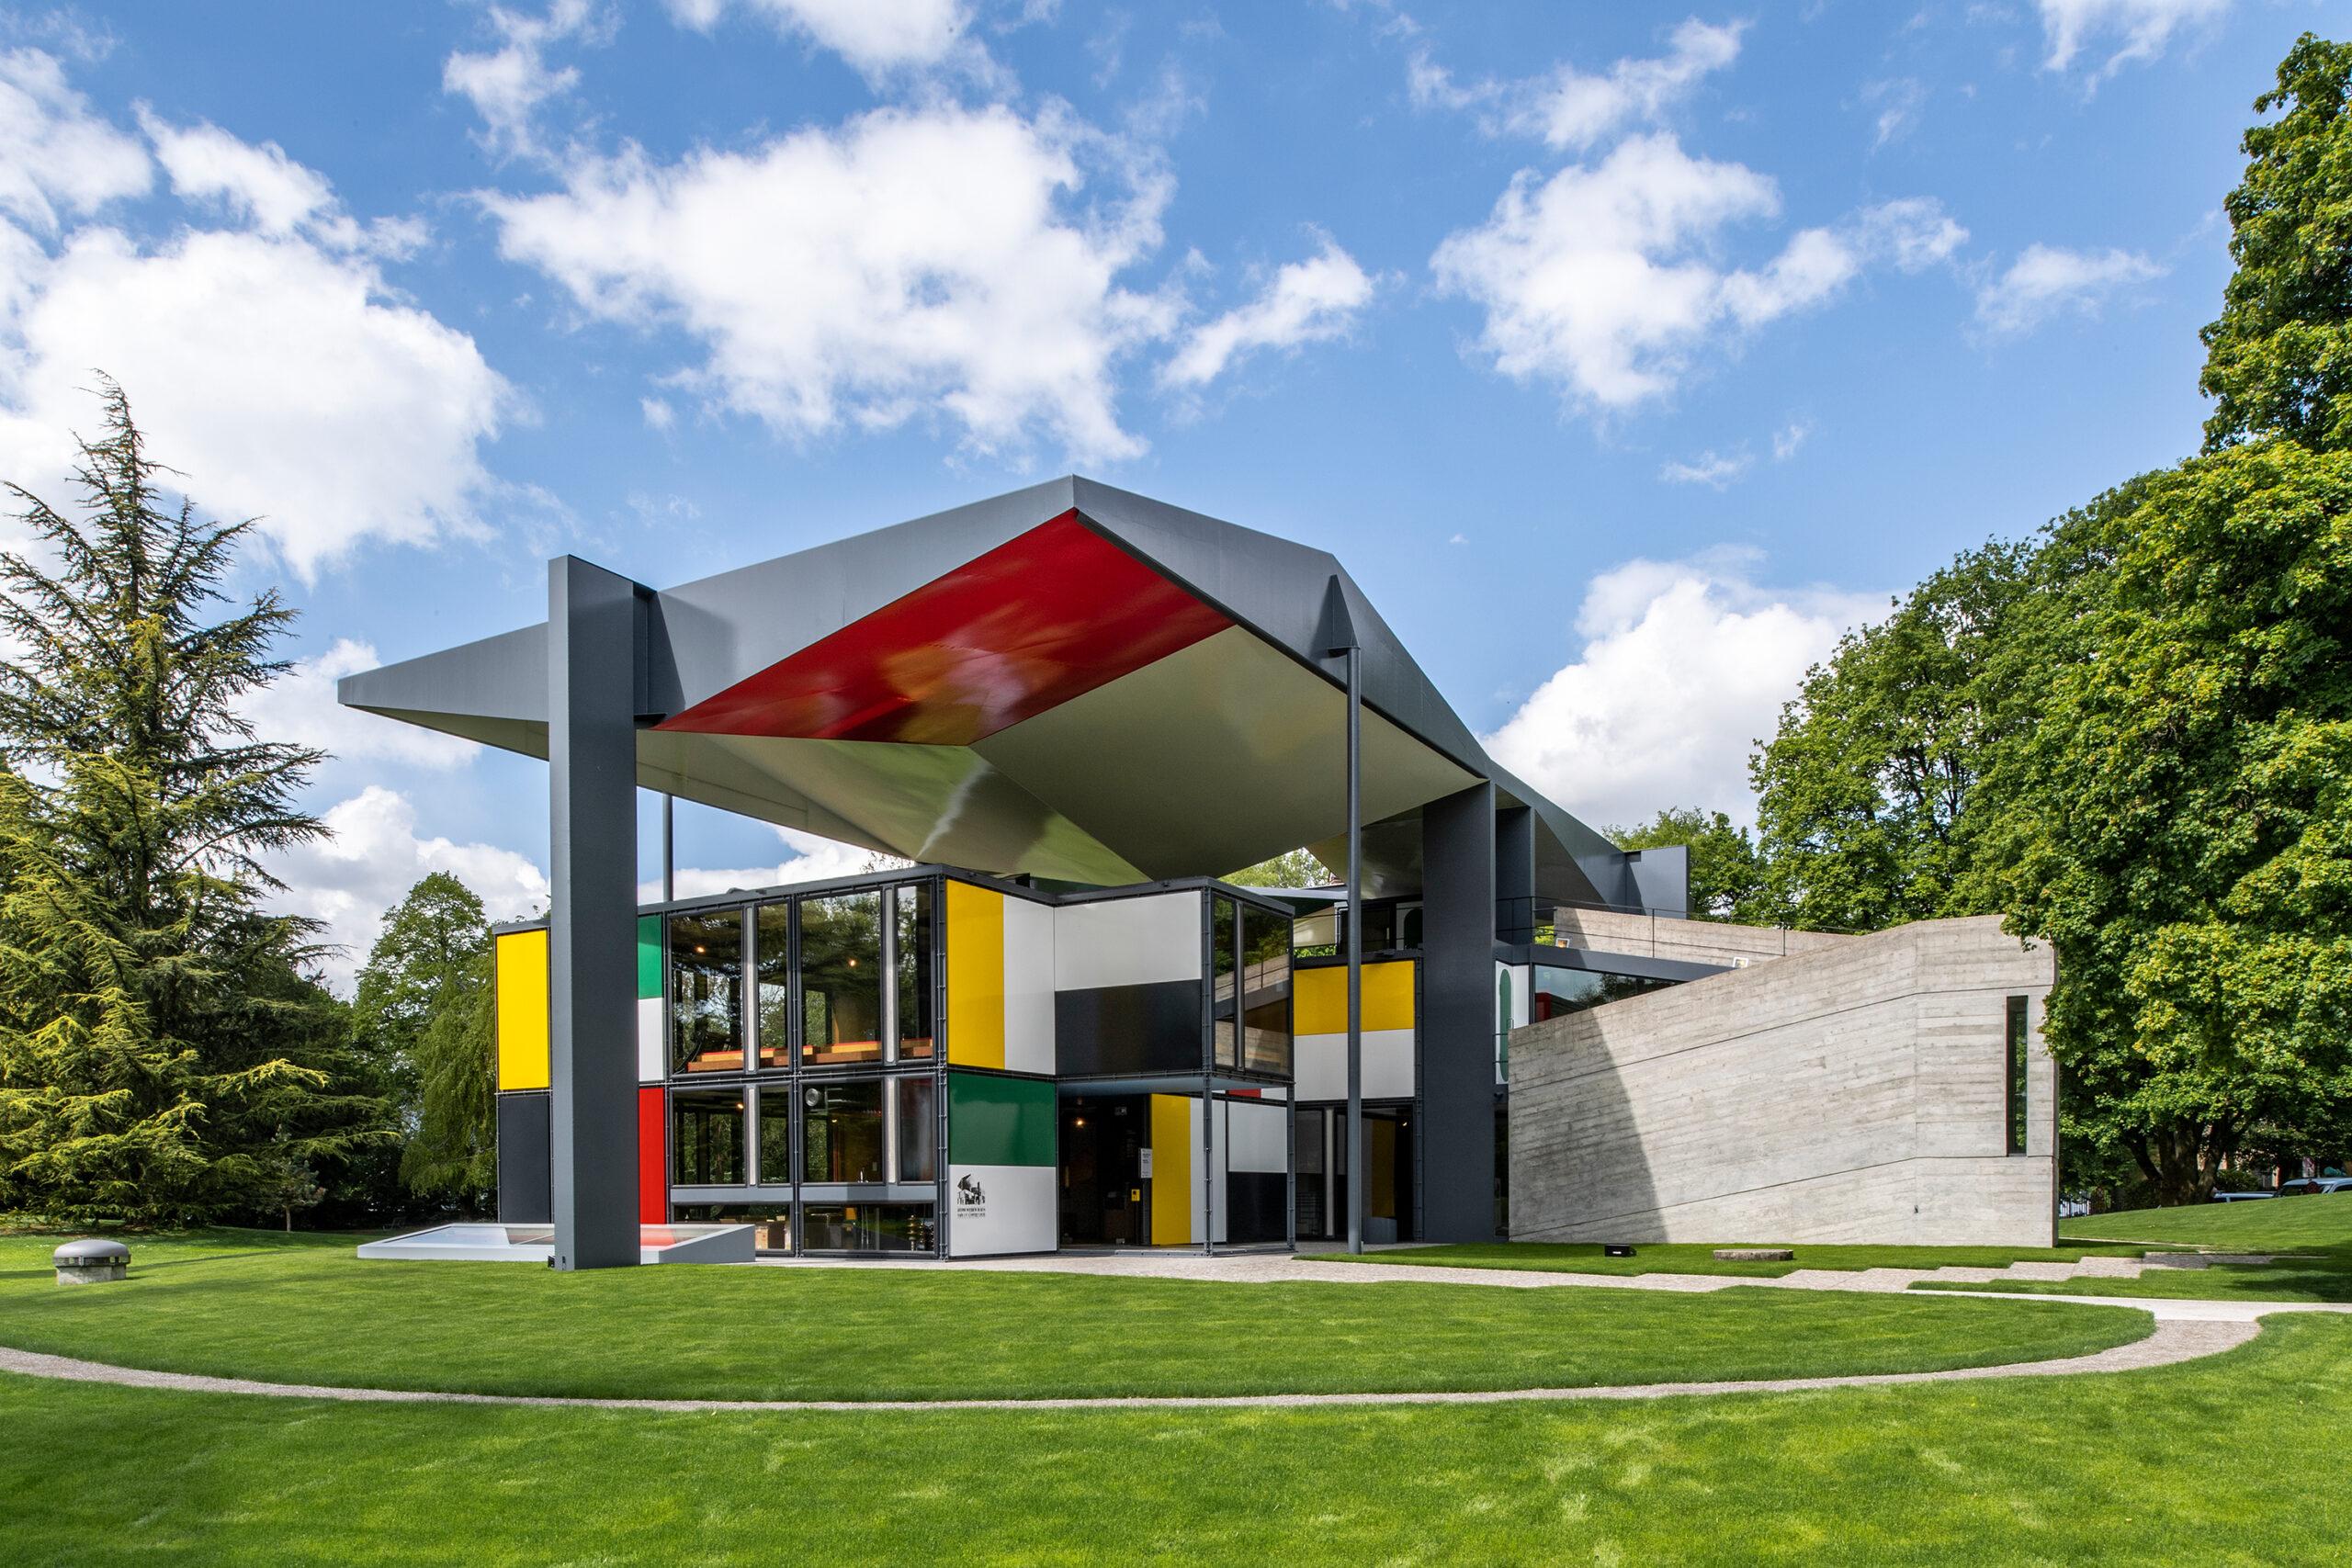 Viaggi, oggetti, collezioni. Le Corbusier intimo in mostra a Torino